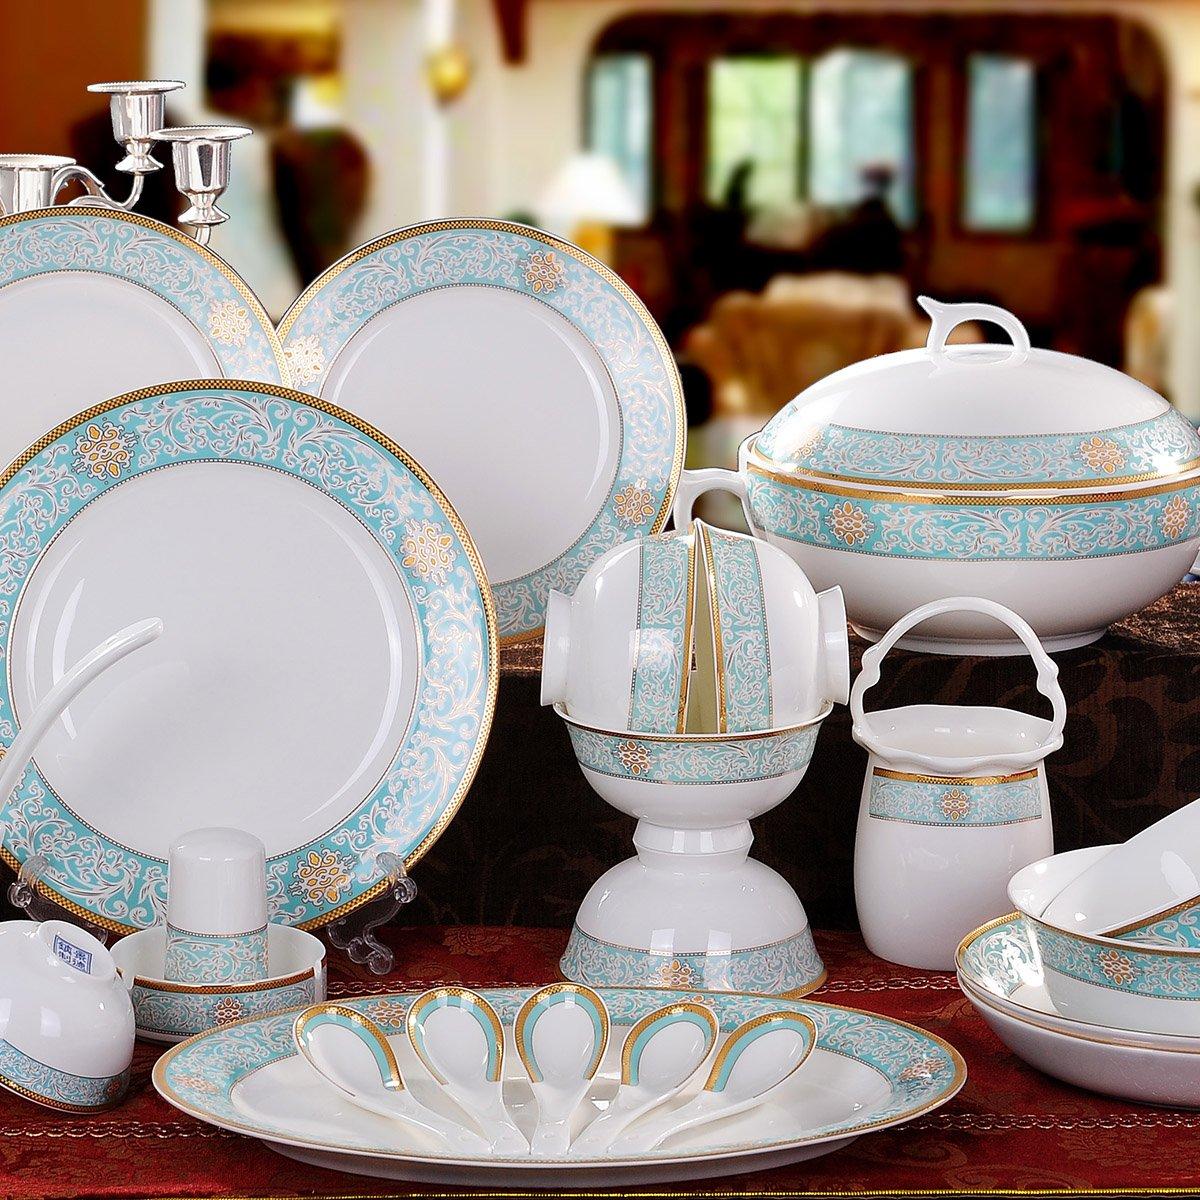 景德镇陶瓷瓷器碗碟餐具套装